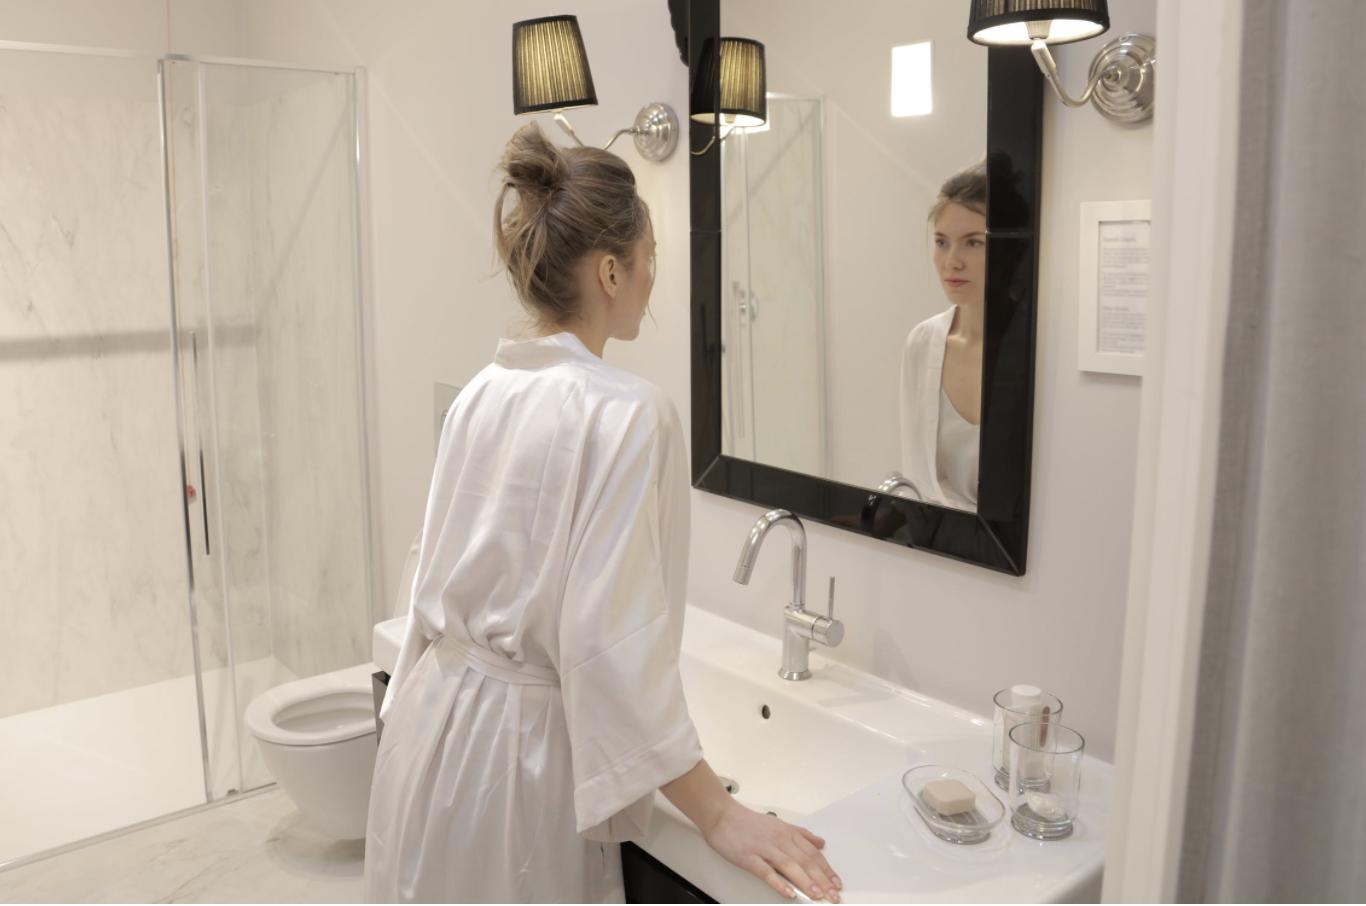 女性が鏡を見ている様子